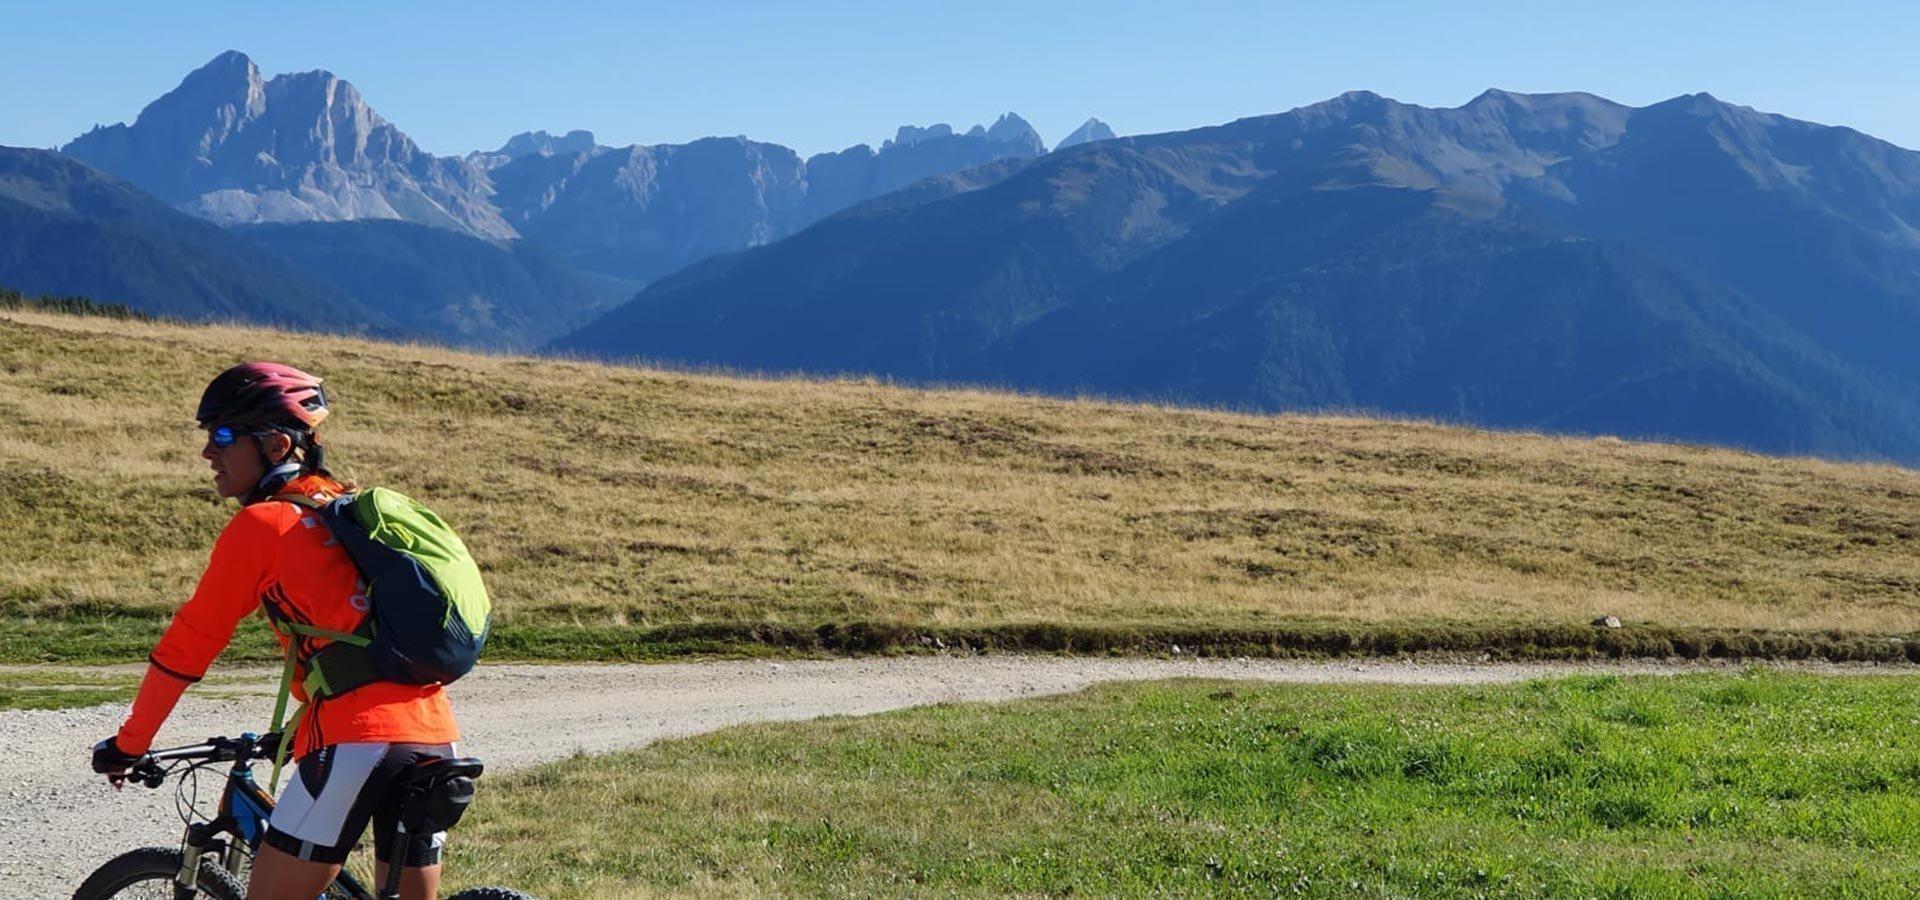 Radurlaub in Südtirol - Rodenecker Alm